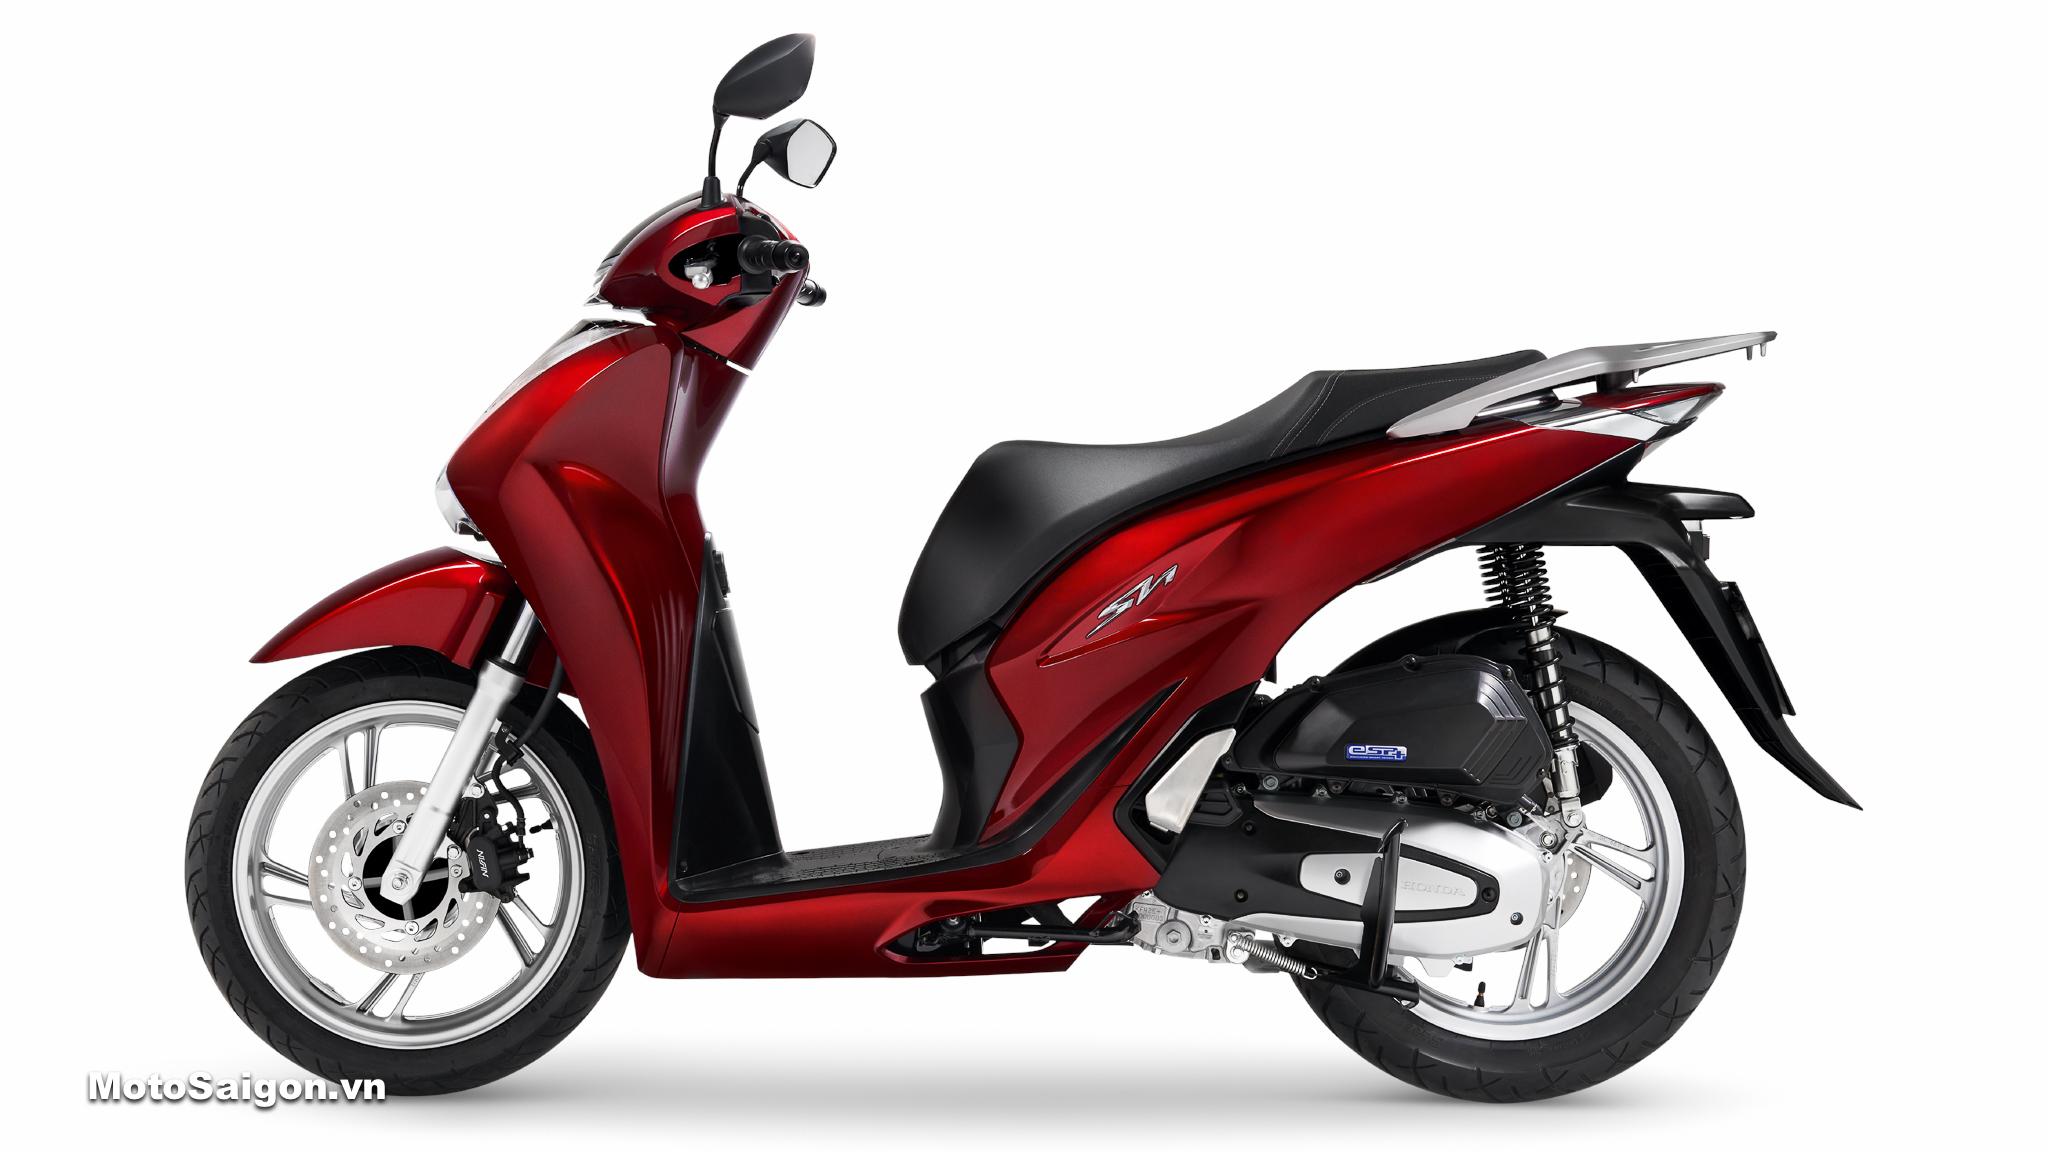 Honda Sh125i Sh150i phiên bản mới 2022